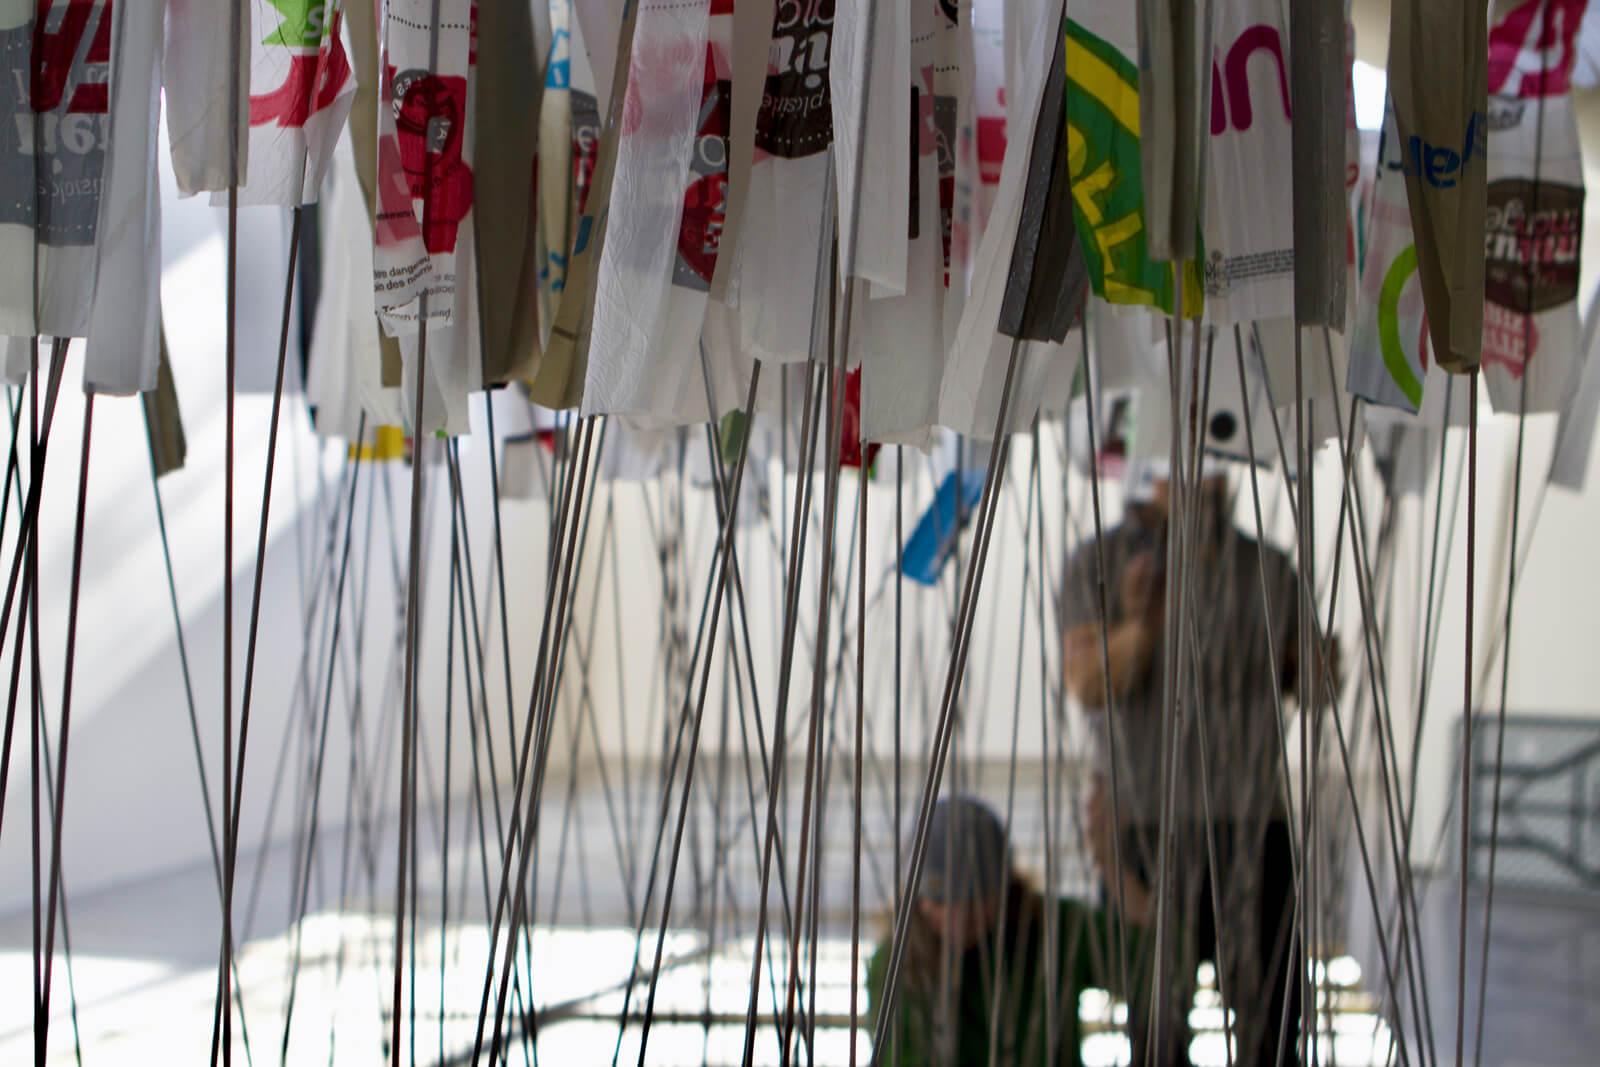 AFIN D'ÉVITER TOUS CES NŒUDS | Installation | Ludovic BONEY 1600X609